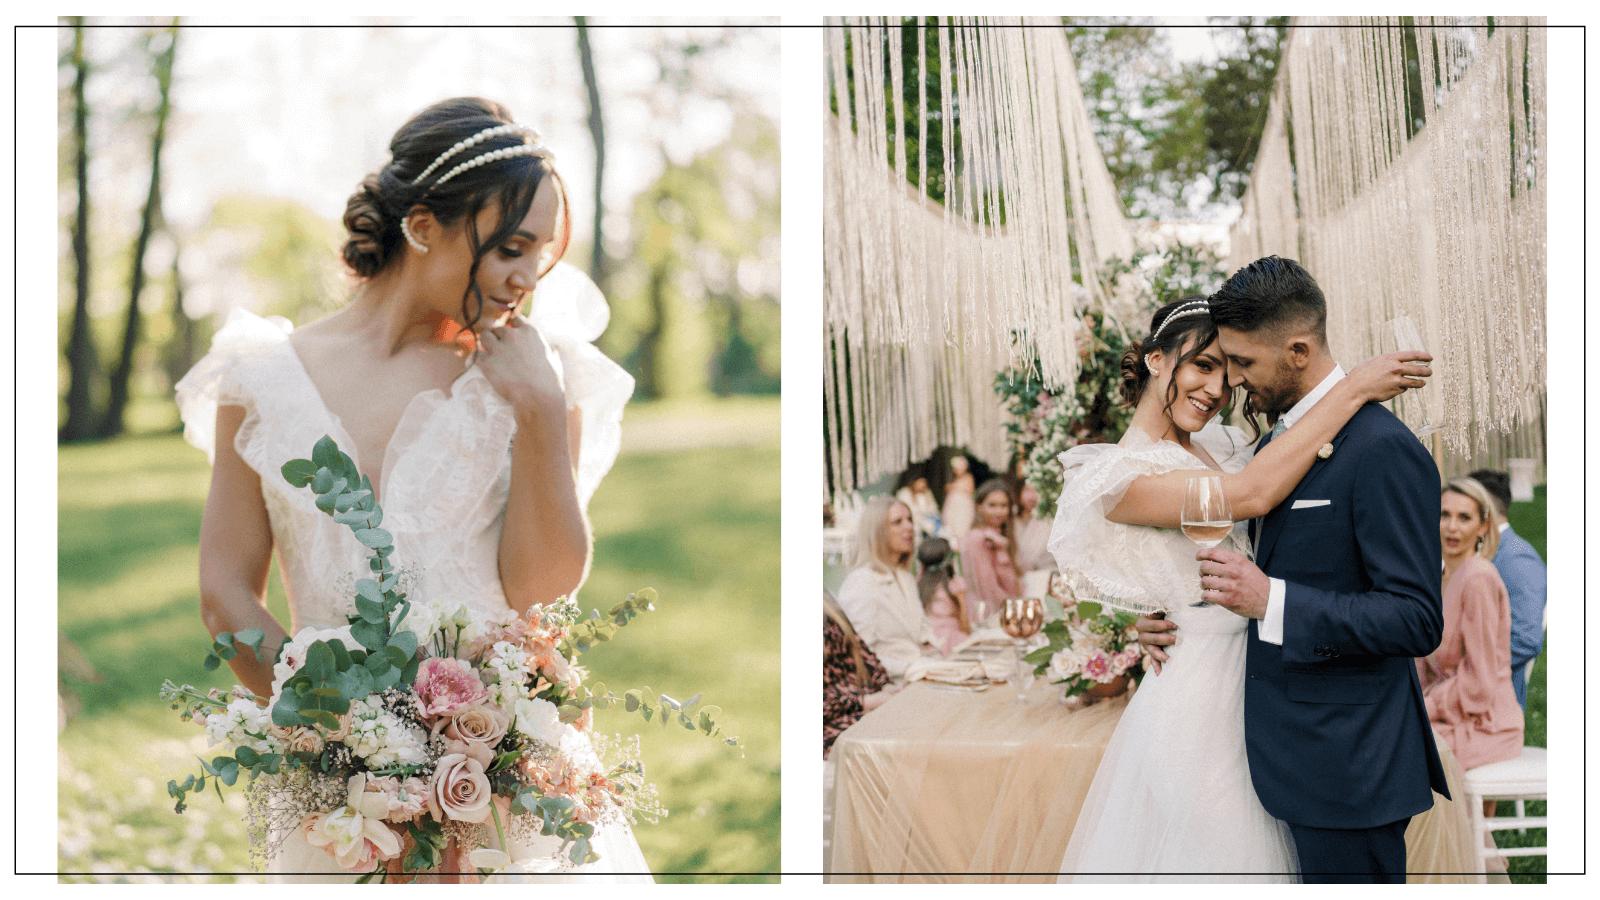 makijaż na ślub Kamila Sałajczyk Design Your Wedding